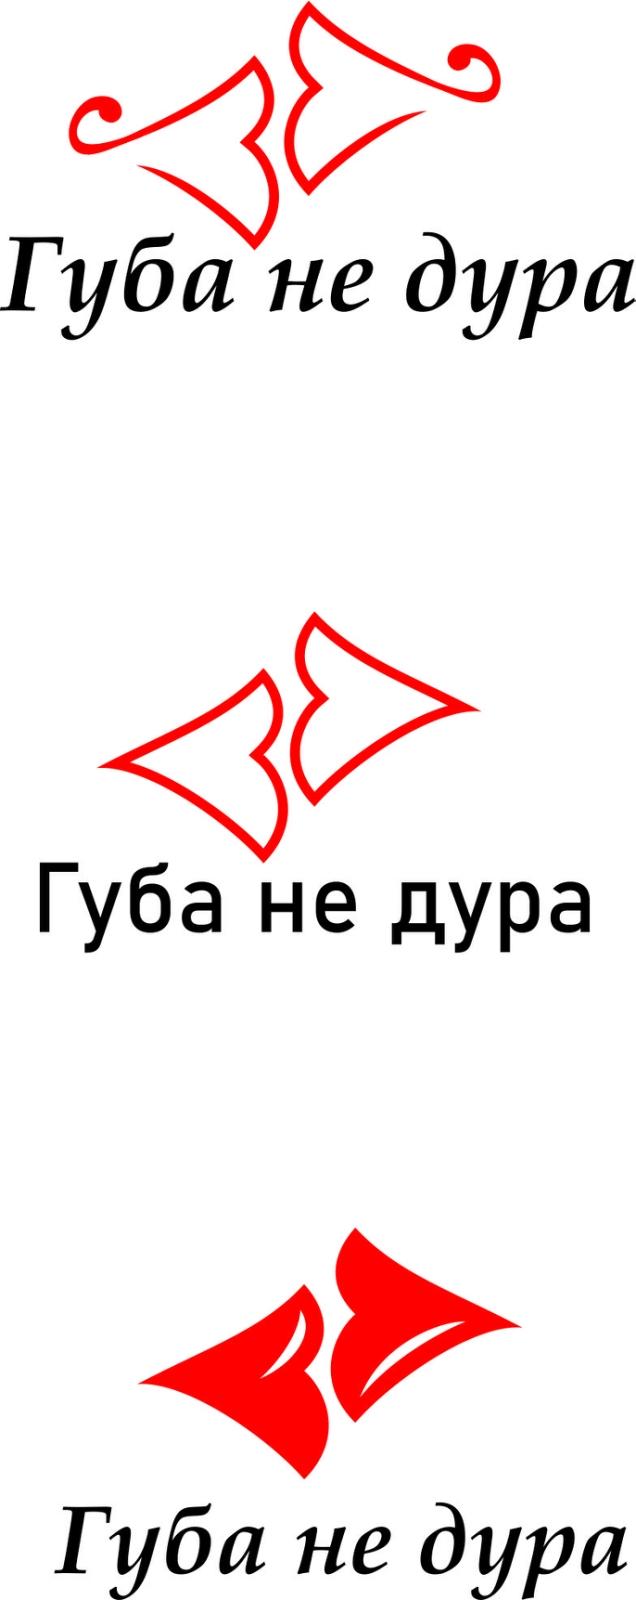 Улучшить и так хороший Товарный Знак фото f_3065ef08139dbf21.jpg